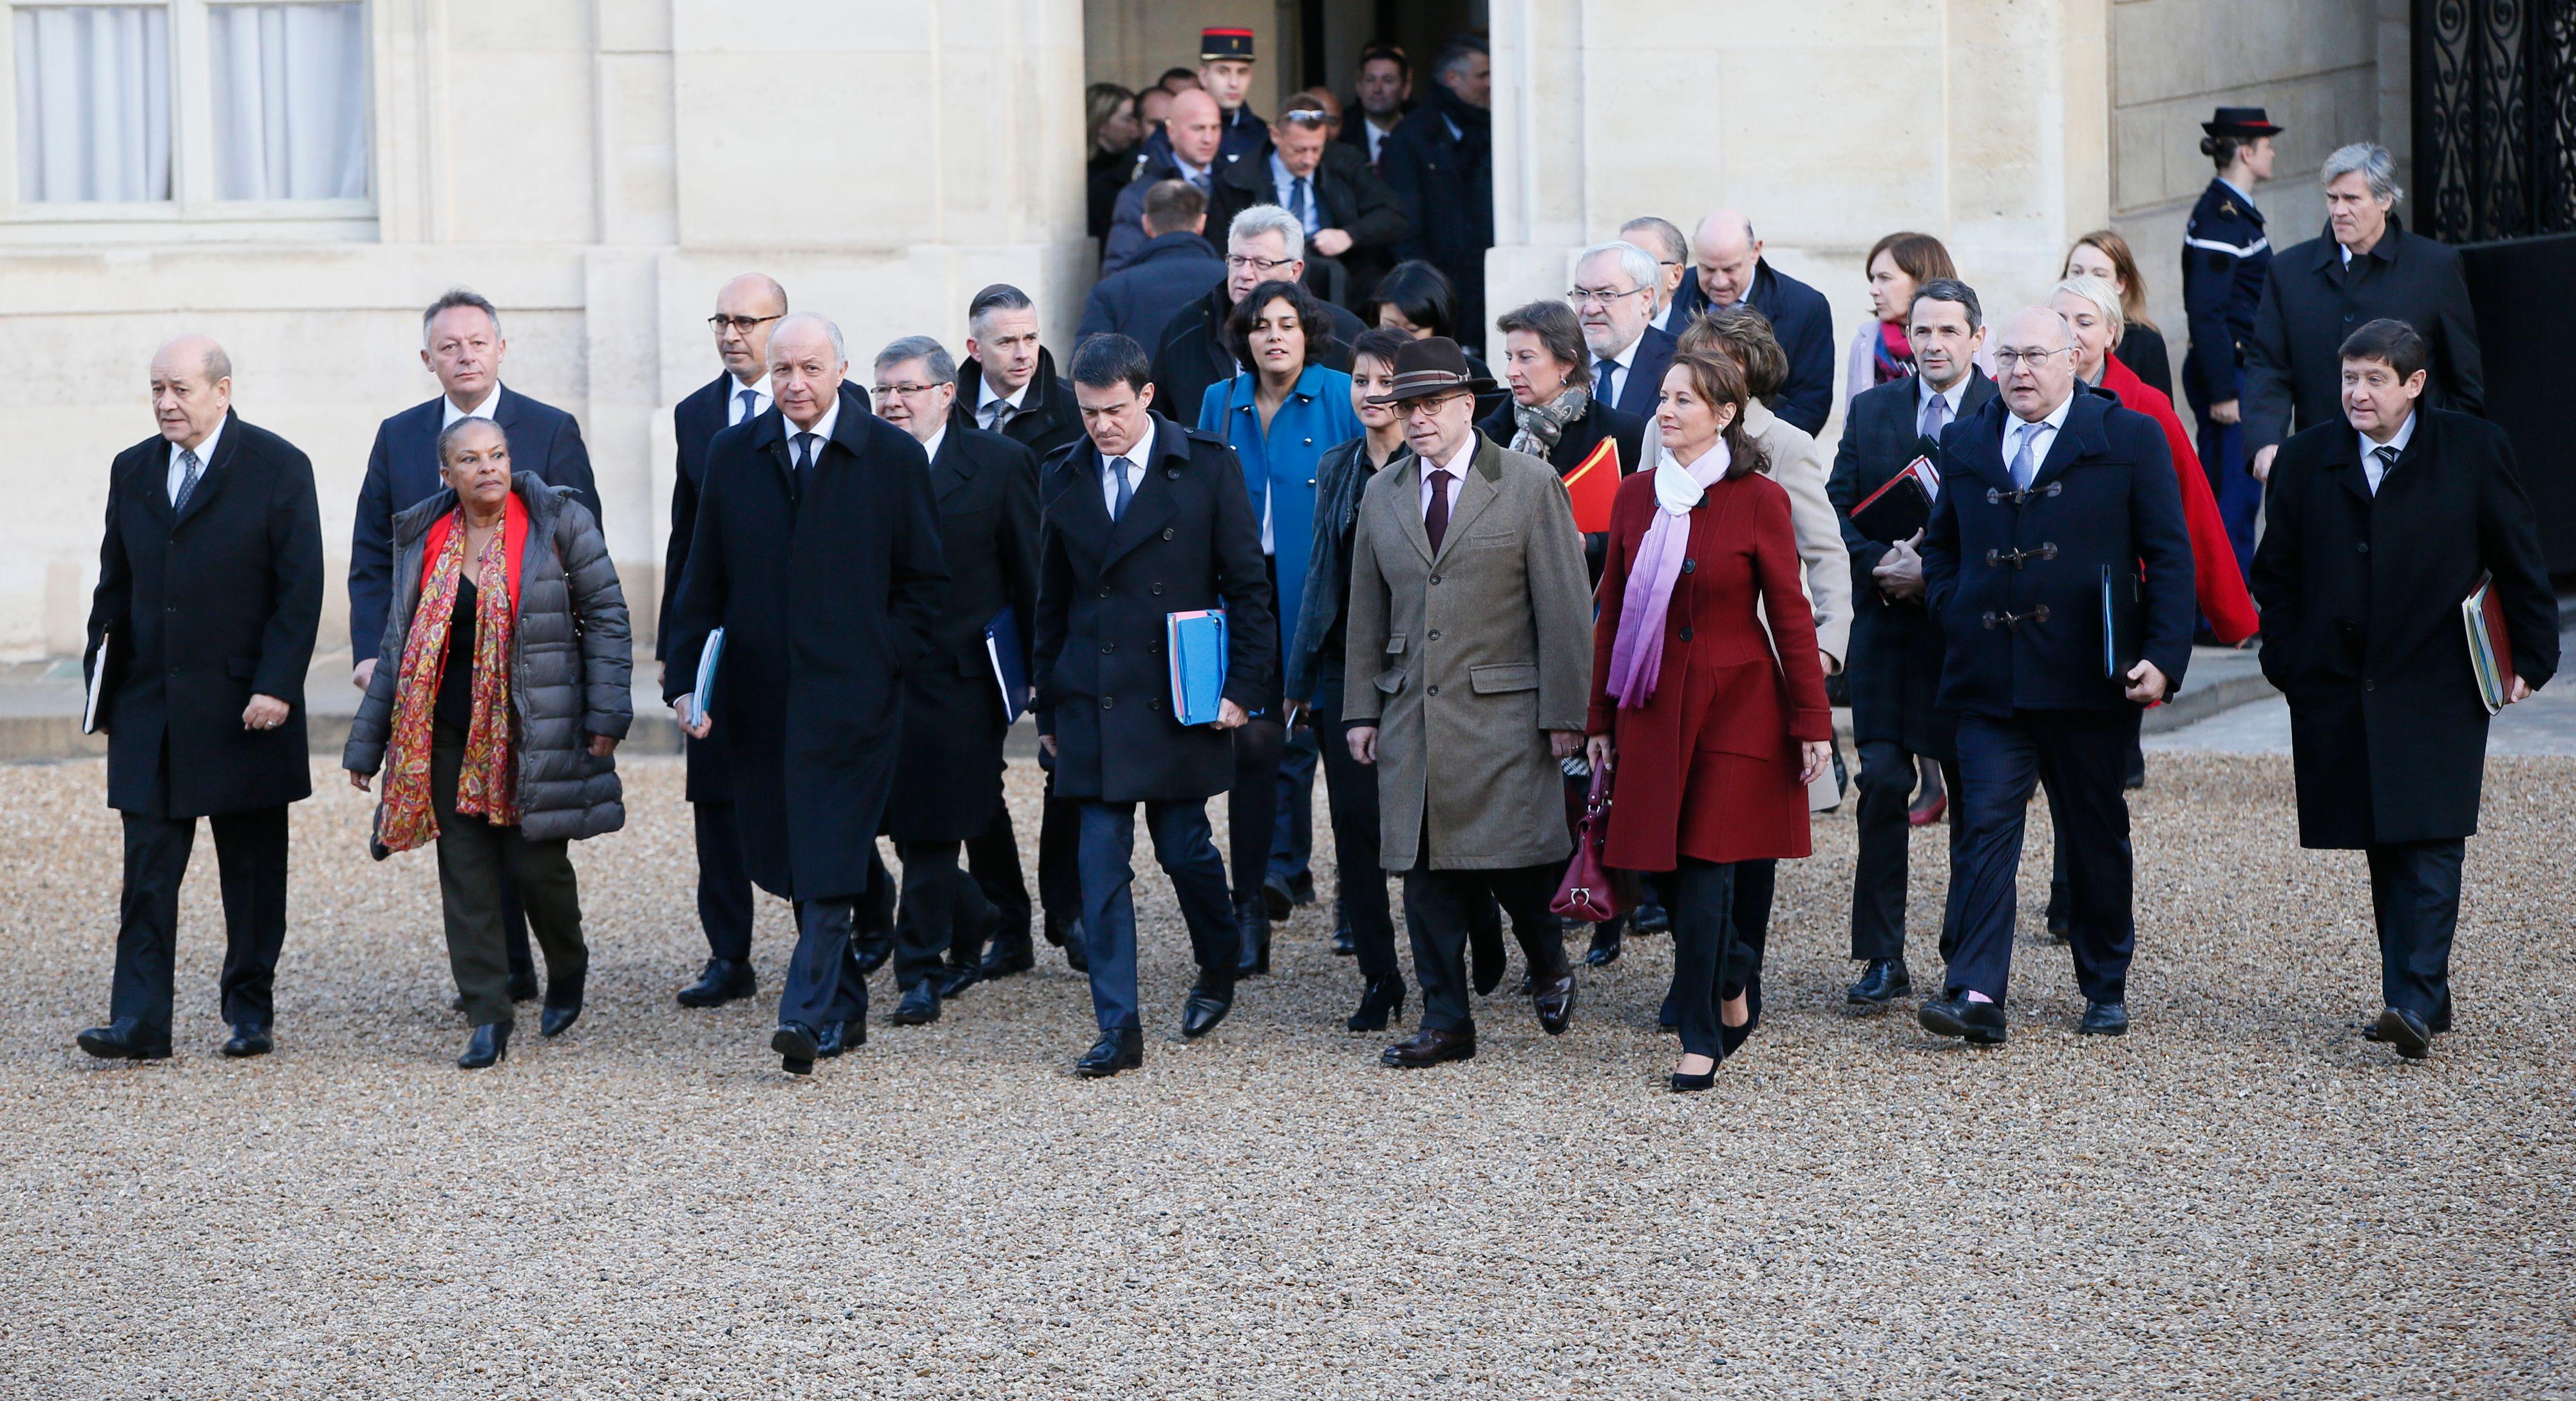 Depuis le début du quinquennat de François Hollande, les ministres enchaînent les bourdes.